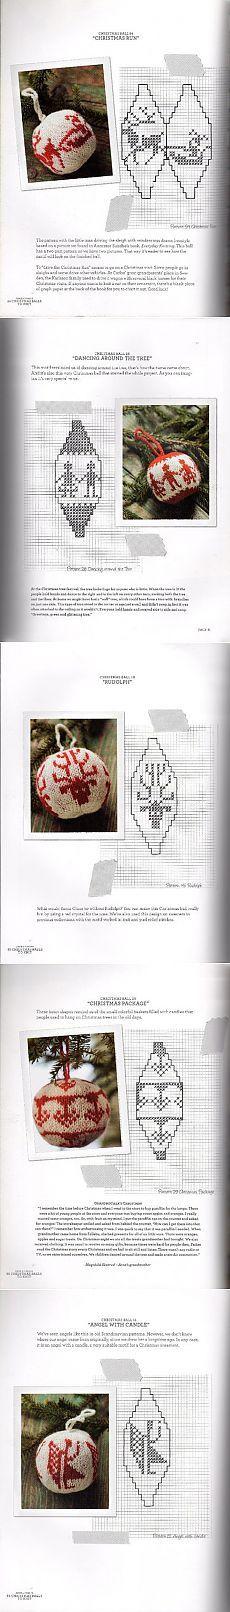 Вязаные шарики на ёлку - по ссылке больше схем!